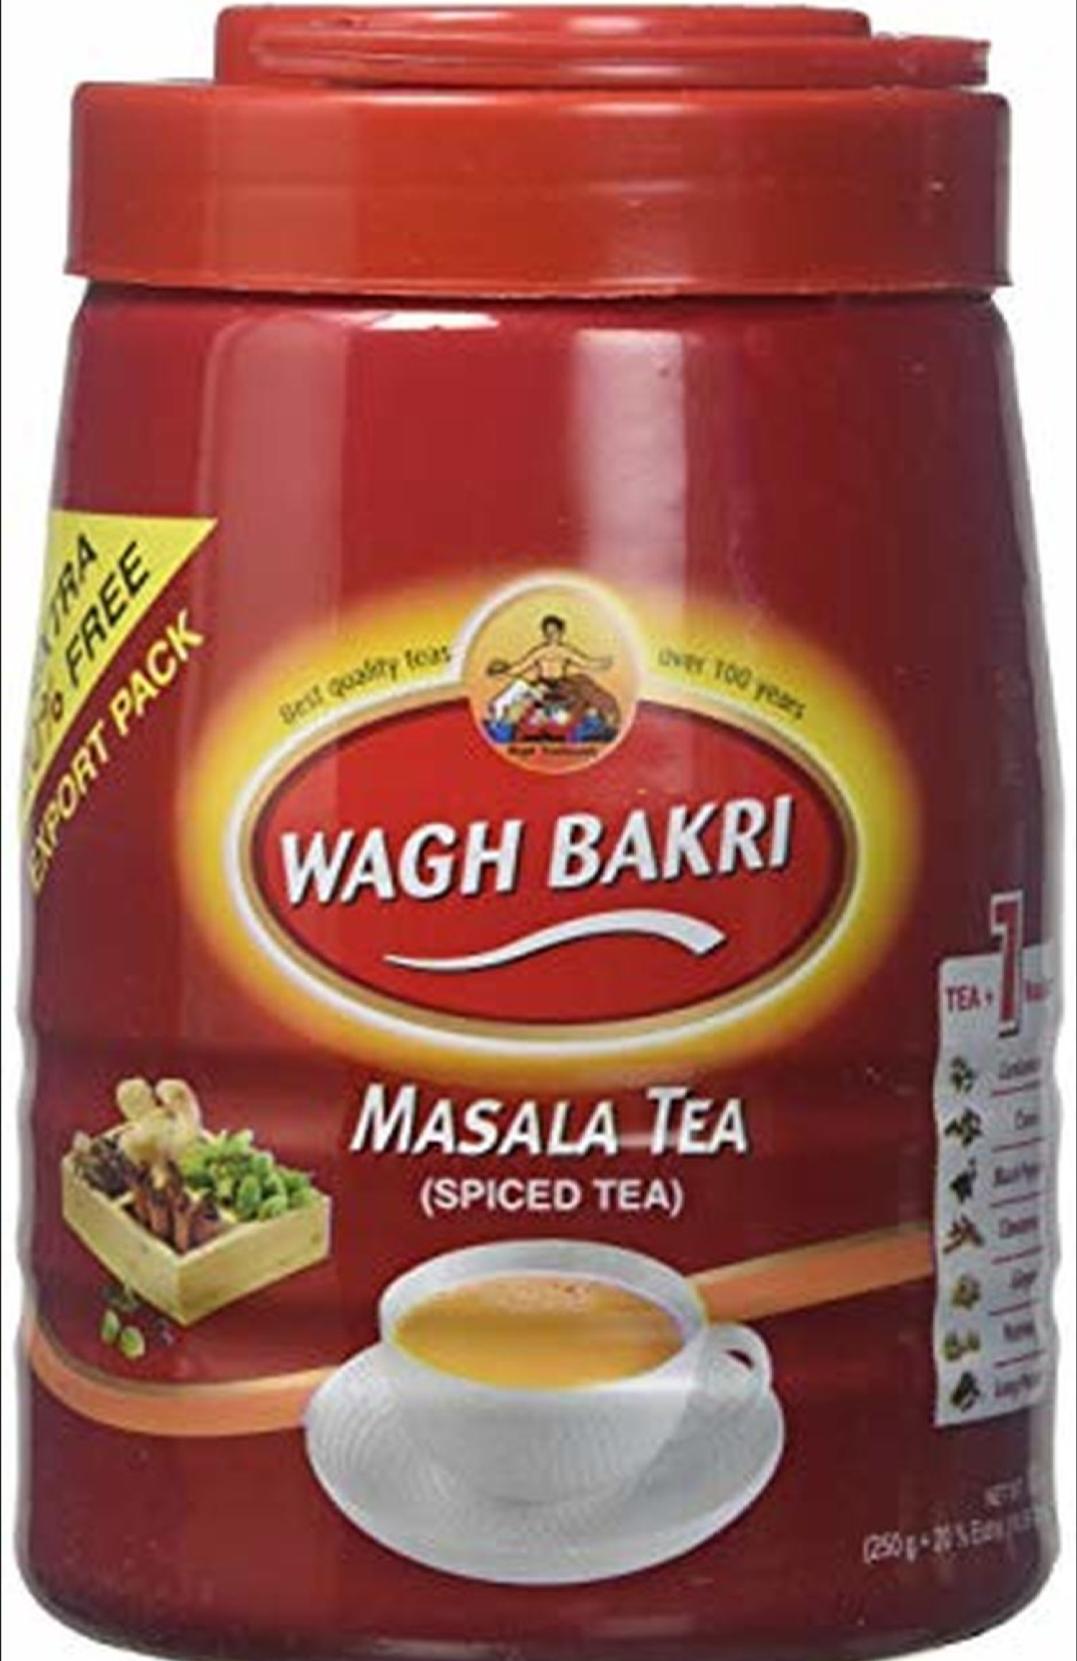 Wagh Bakri Masala Tea